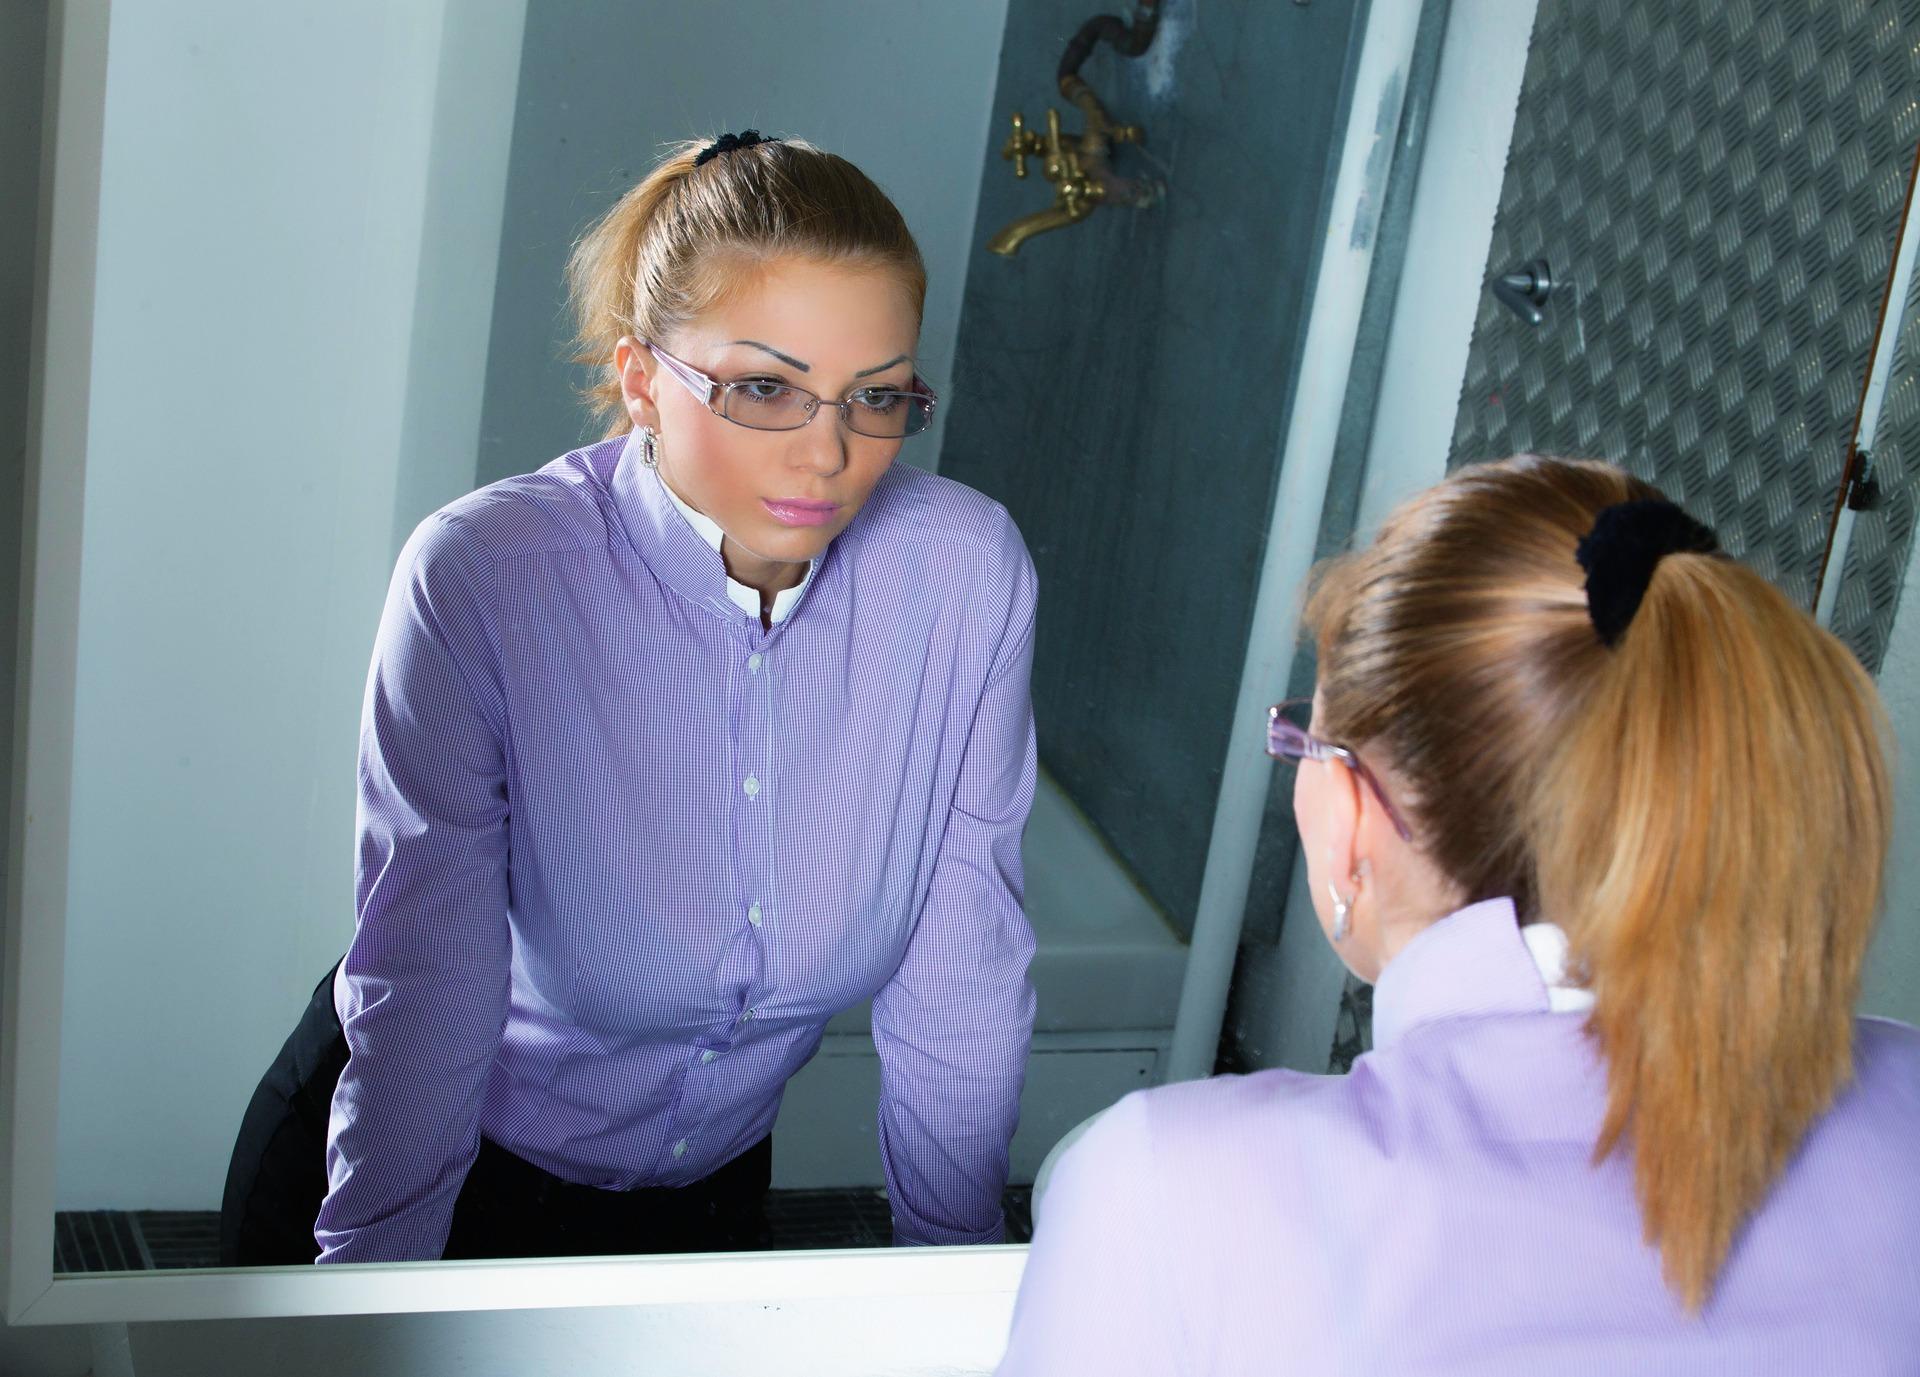 reflexie in oglinda